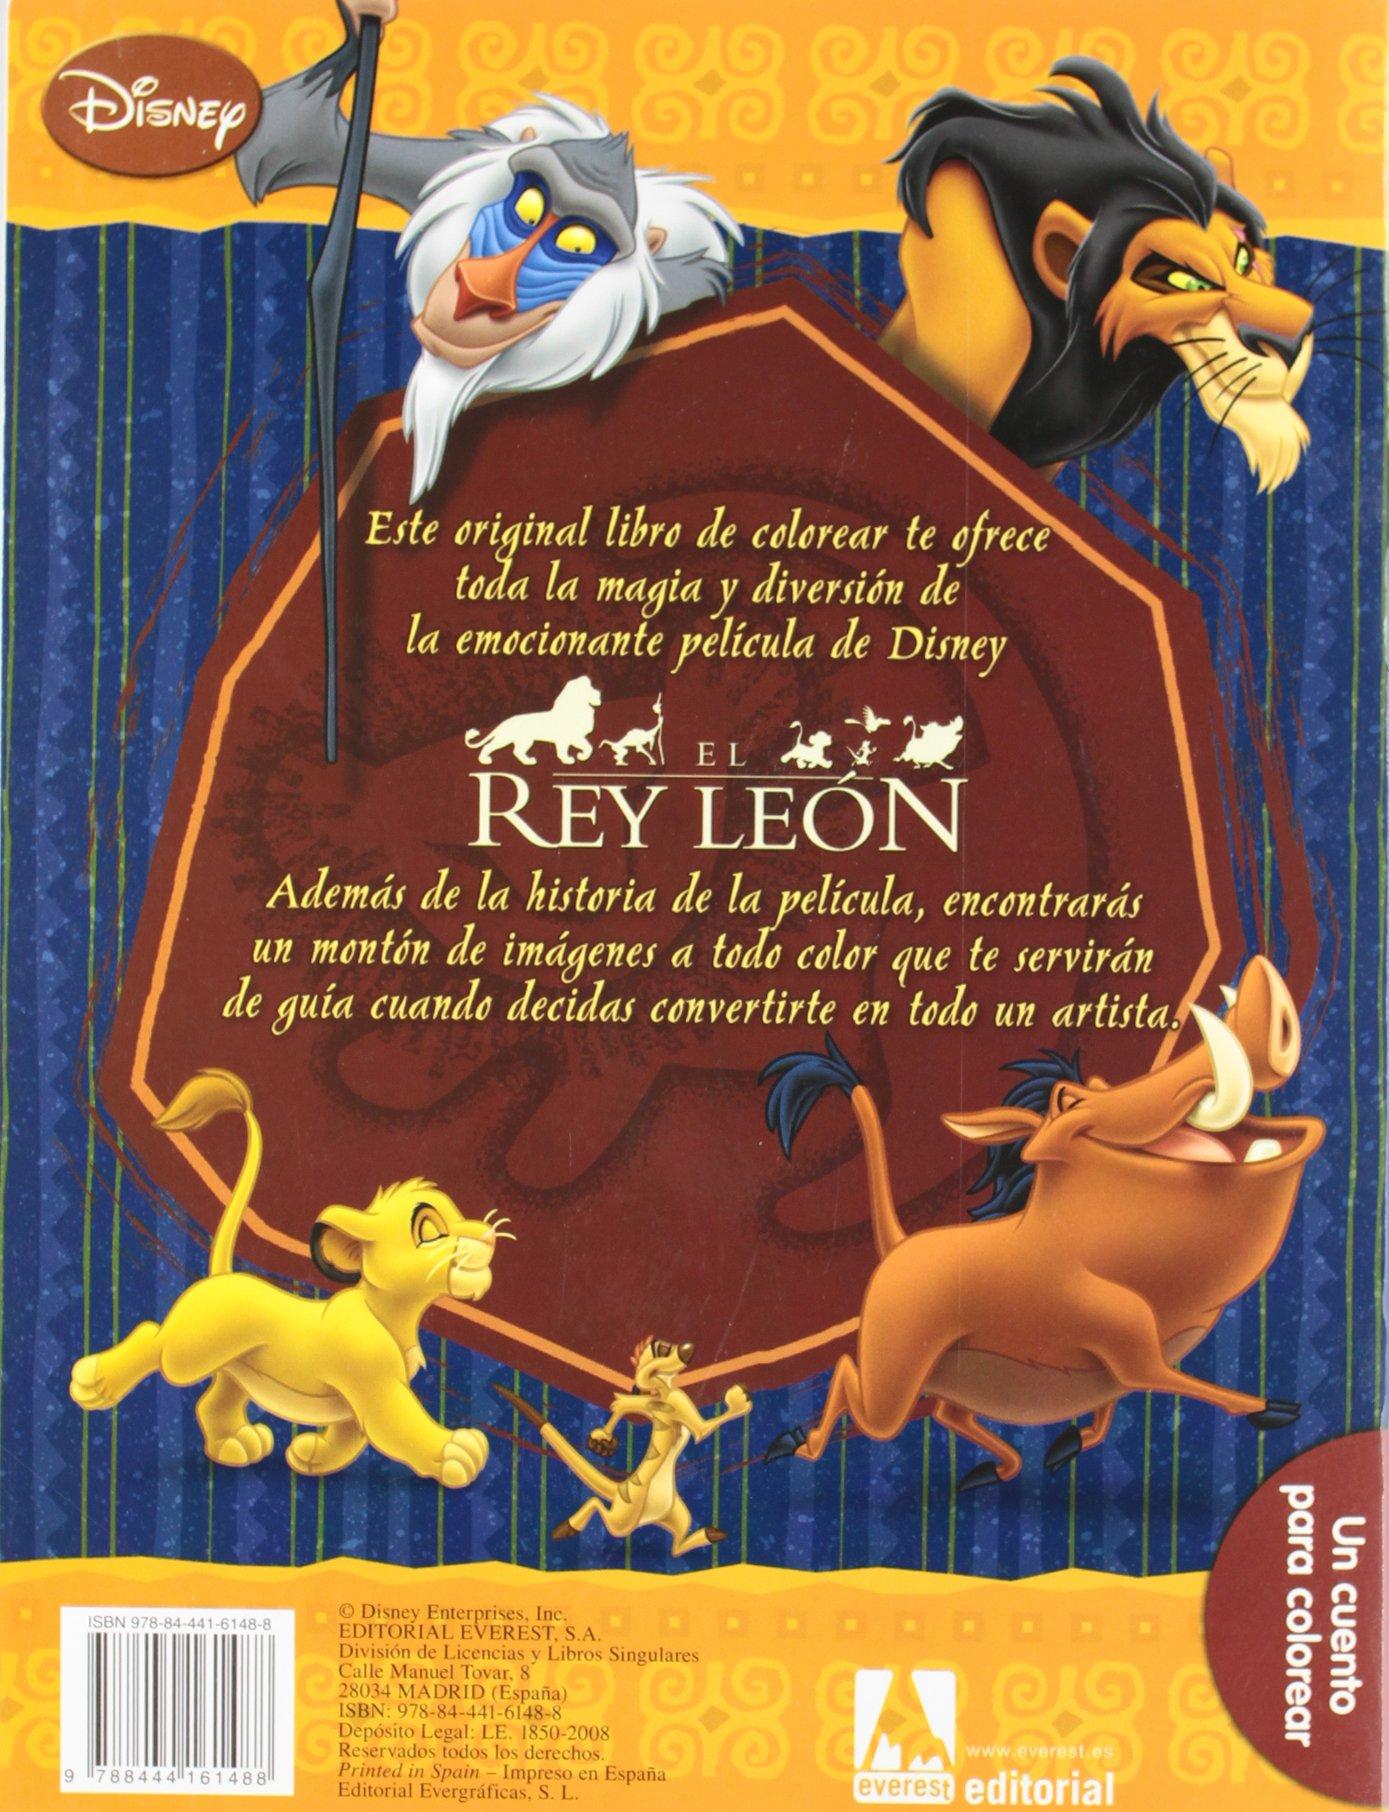 El Rey León: un cuento para colorear: Amazon.es: Walt Disney Company, Walt Disney Company, Chaves Sanz Yolanda: Libros